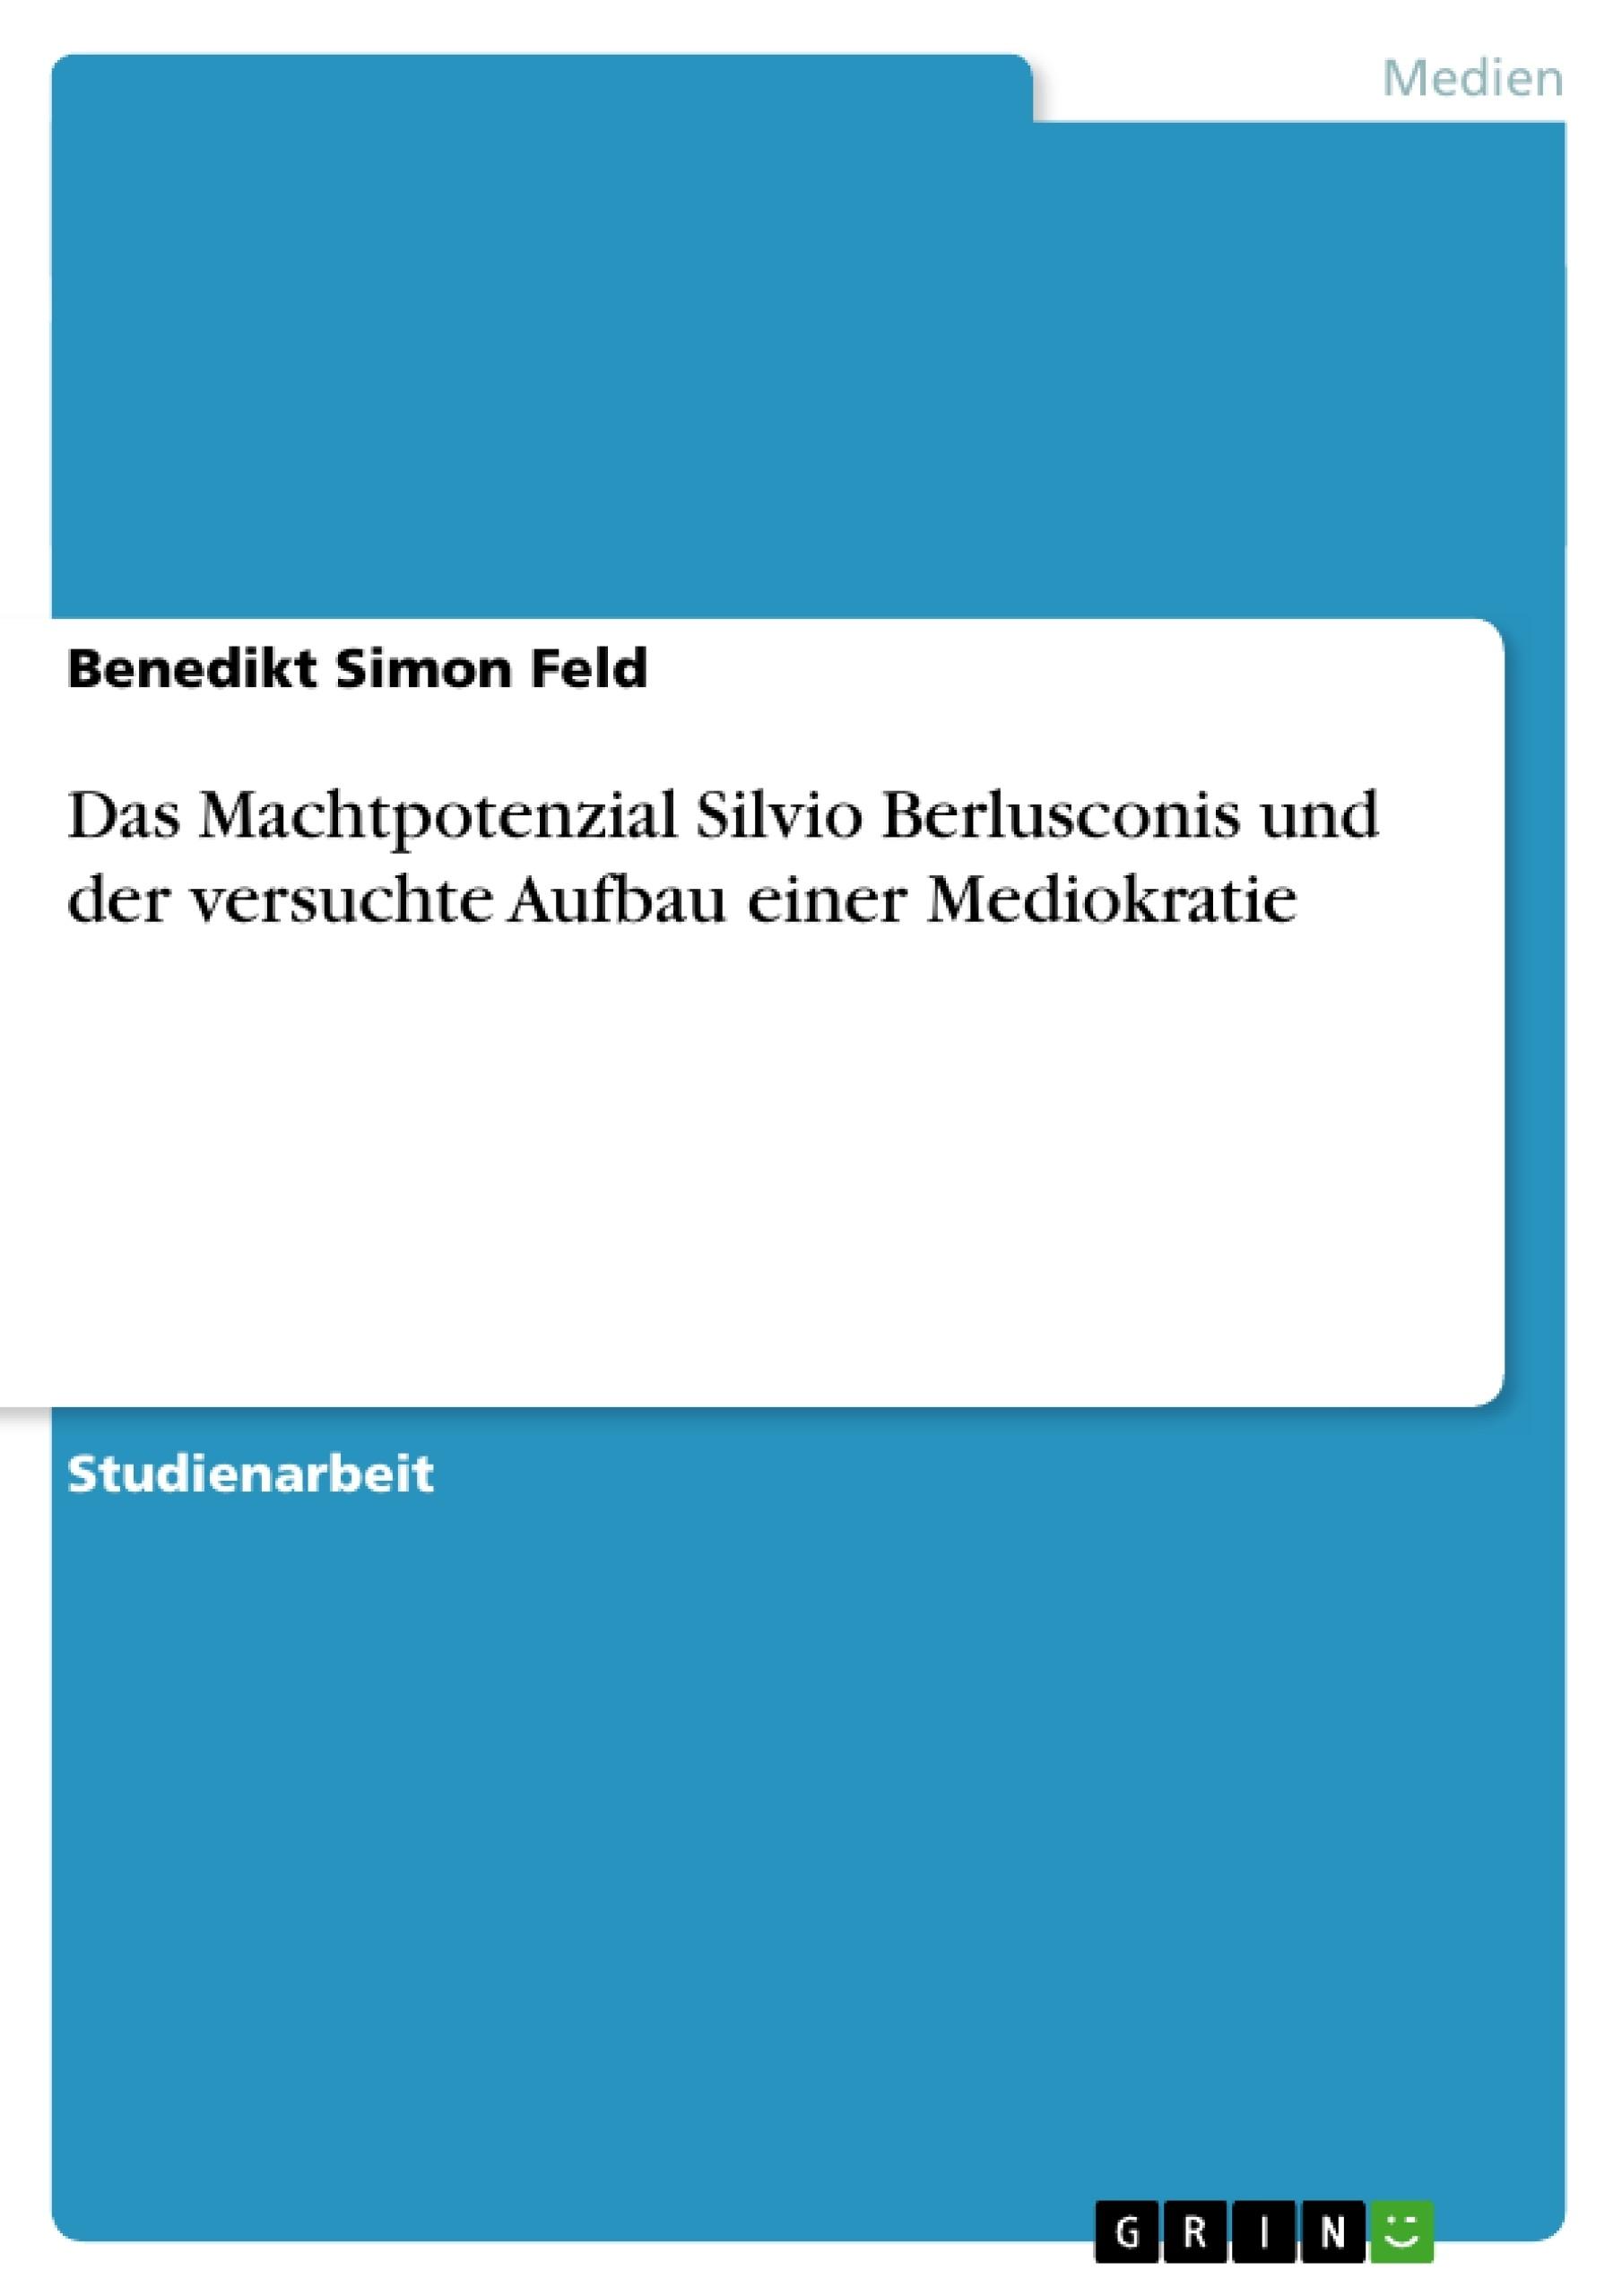 Titel: Das Machtpotenzial Silvio Berlusconis und der versuchte Aufbau einer Mediokratie